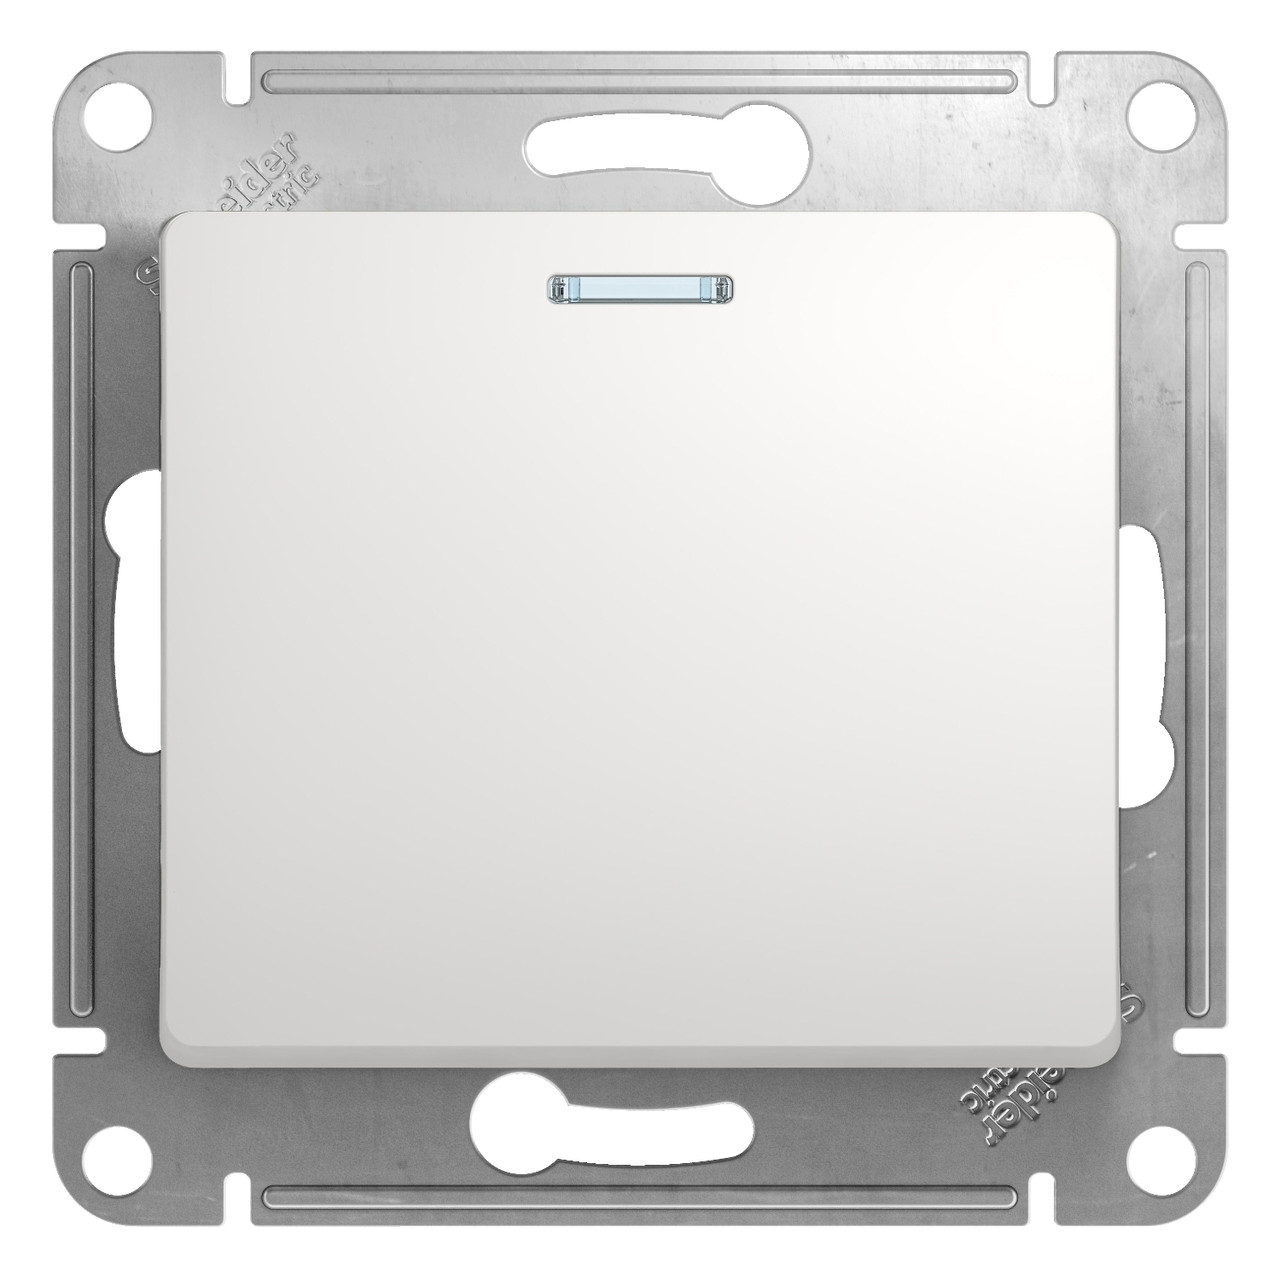 GSL000113 Glossa - 1-полюсовый выключатель с лампой - механизм - 10 AX - белый